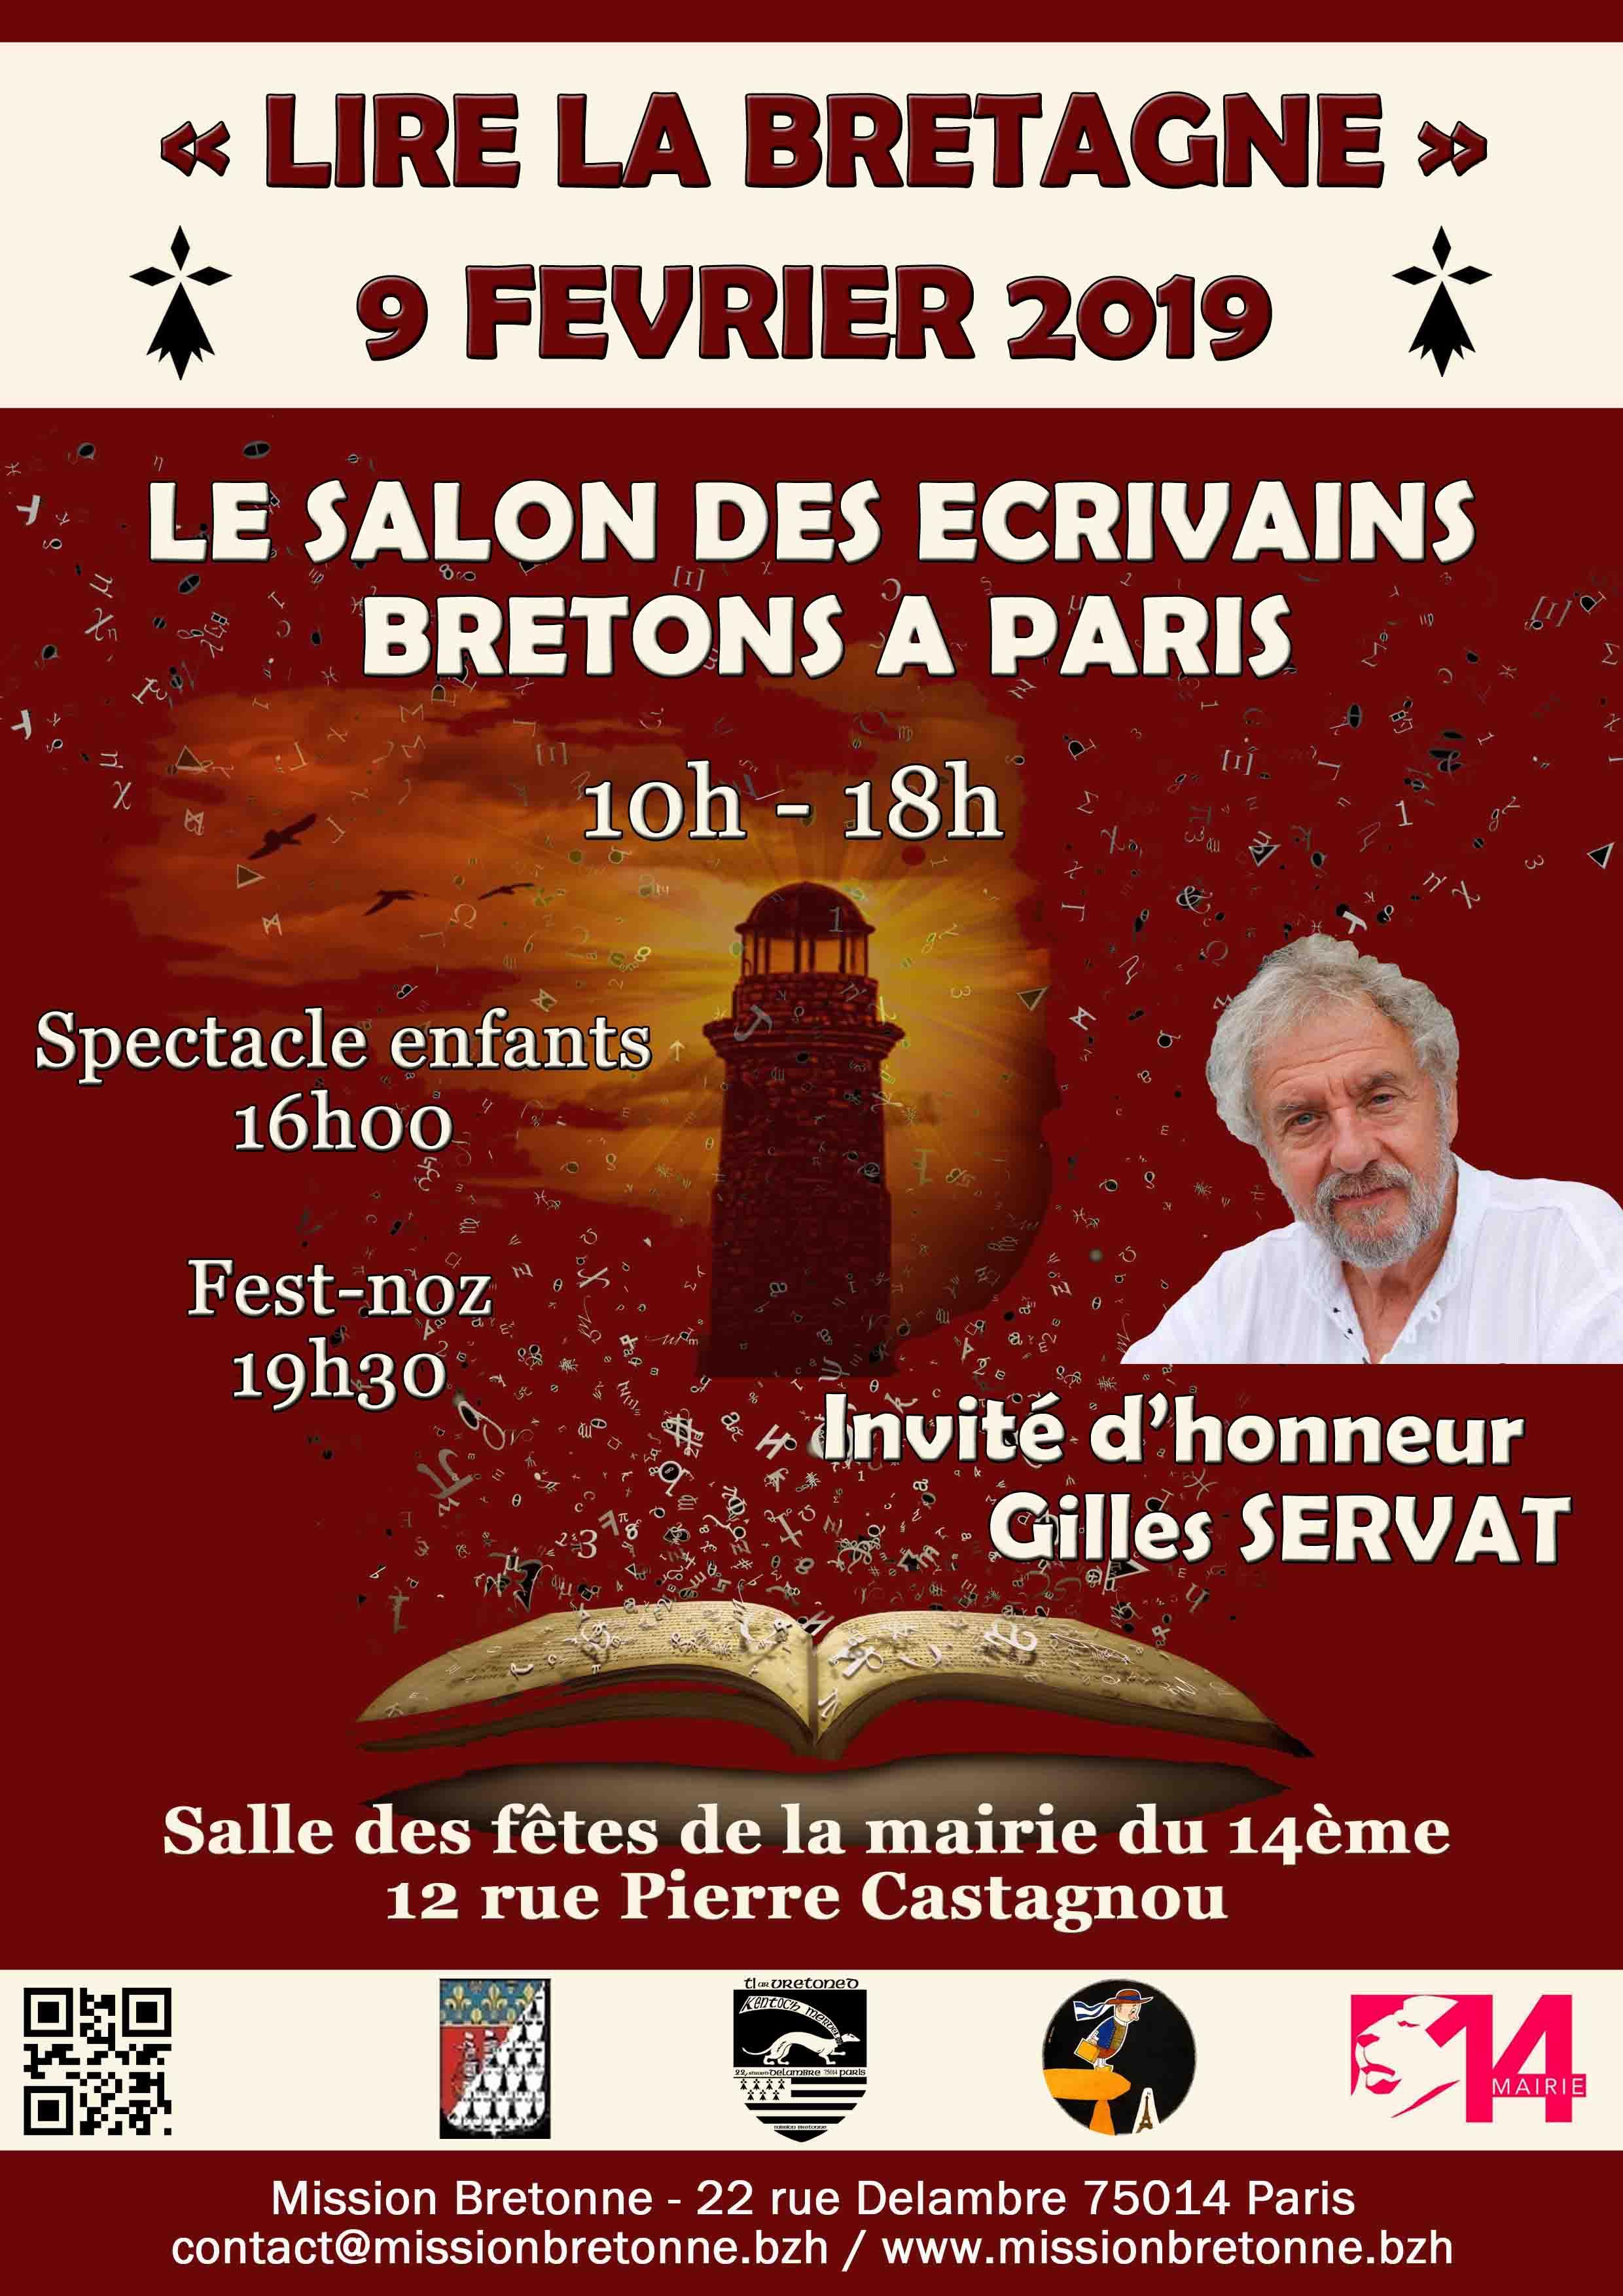 Lire La Bretagne Salon Des Ecrivains Bretons 2019